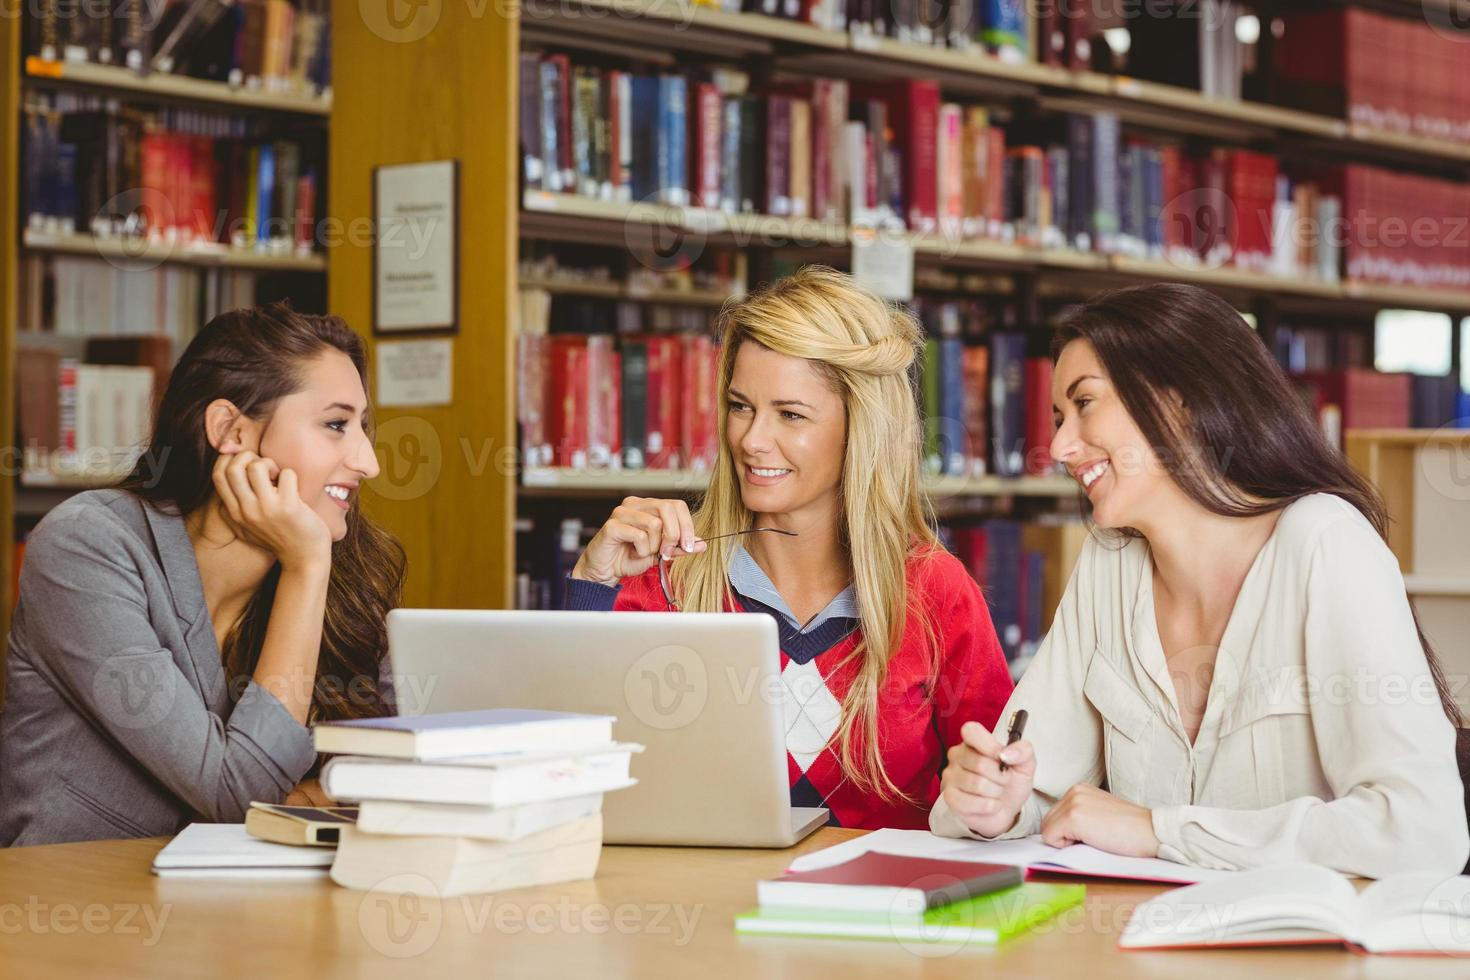 étudiant adulte souriant avec ses camarades de classe à l'aide d'un ordinateur portable photo